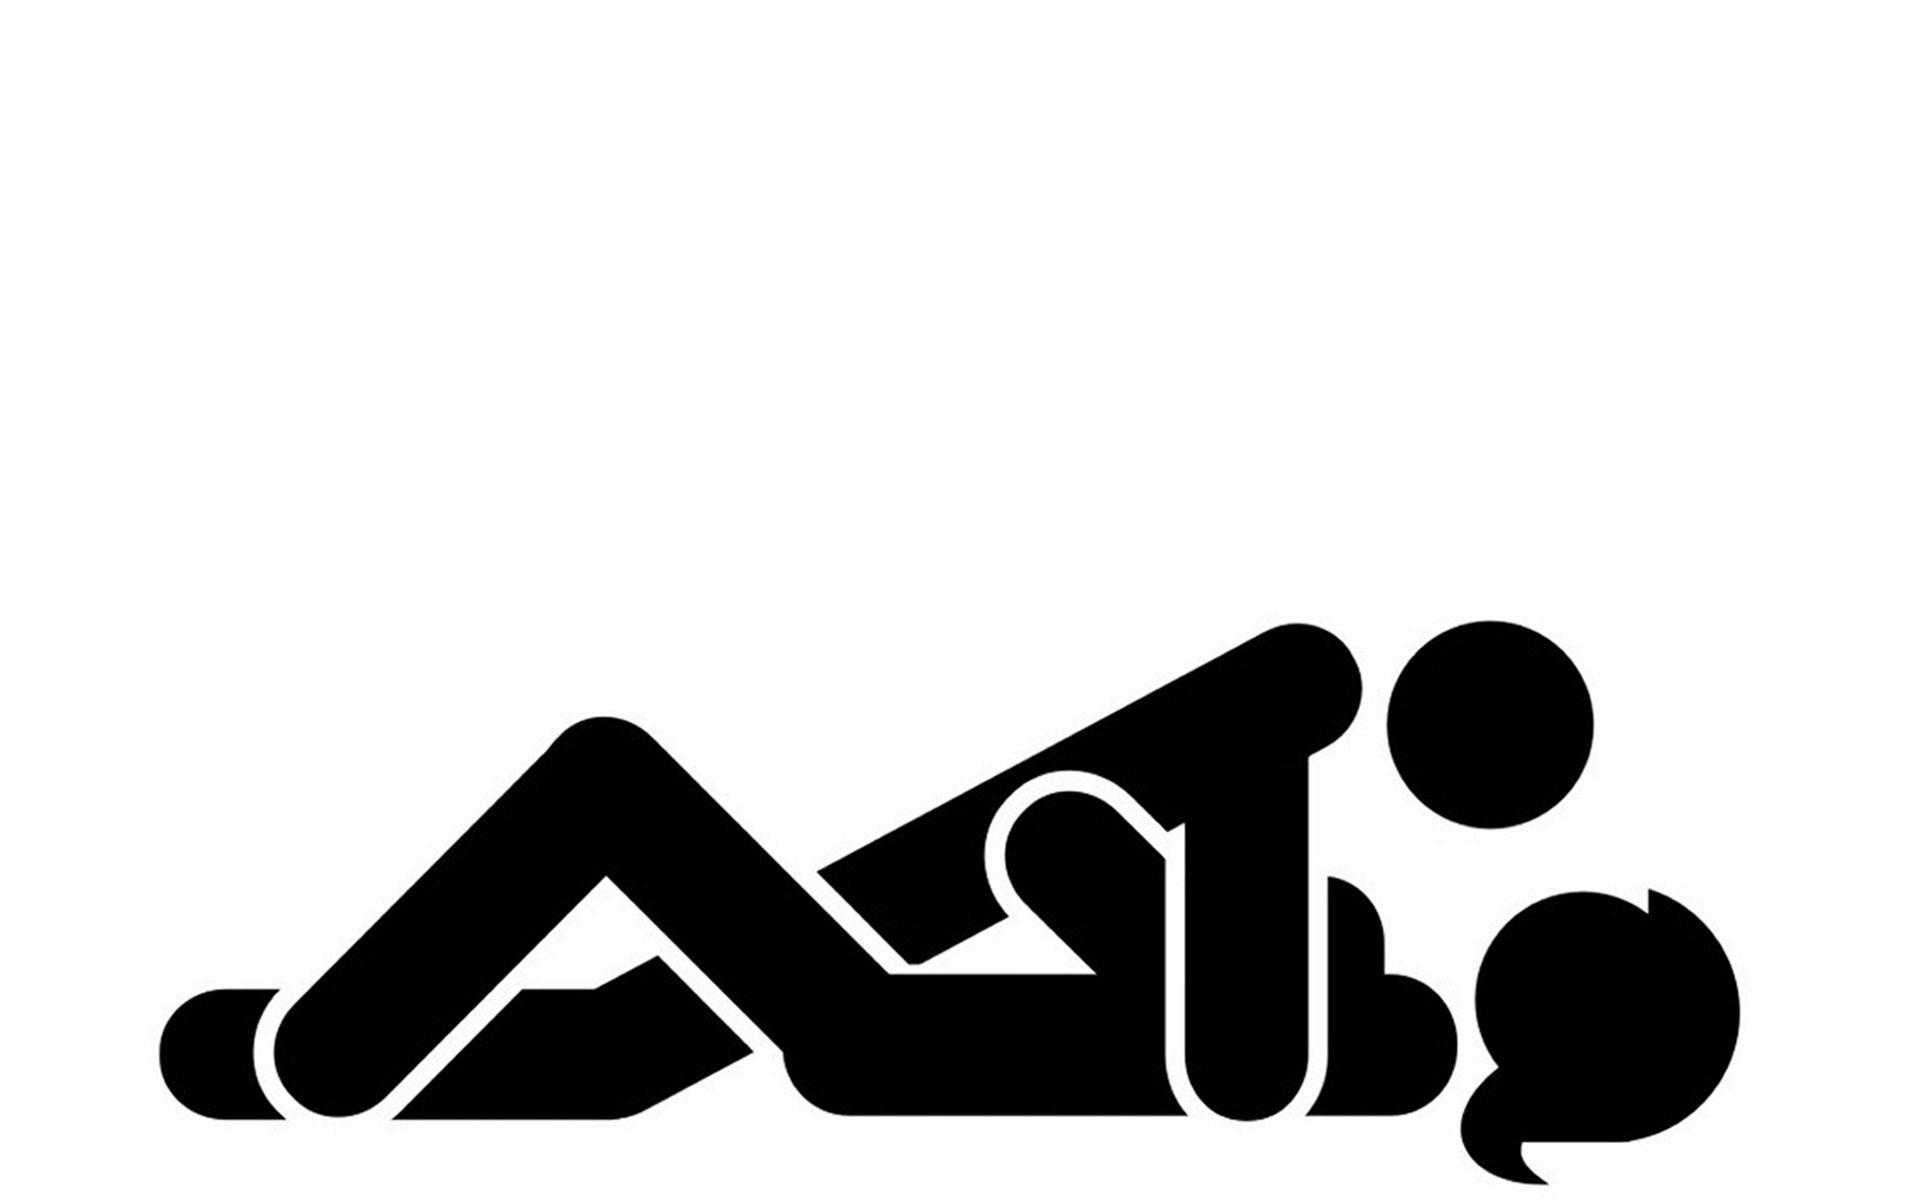 فضيحة مدوية: قيم بالمدرسة الاعدادية الشباب بدوار هيشر يرسل صورا ومضامين إباحية للتلميذات!